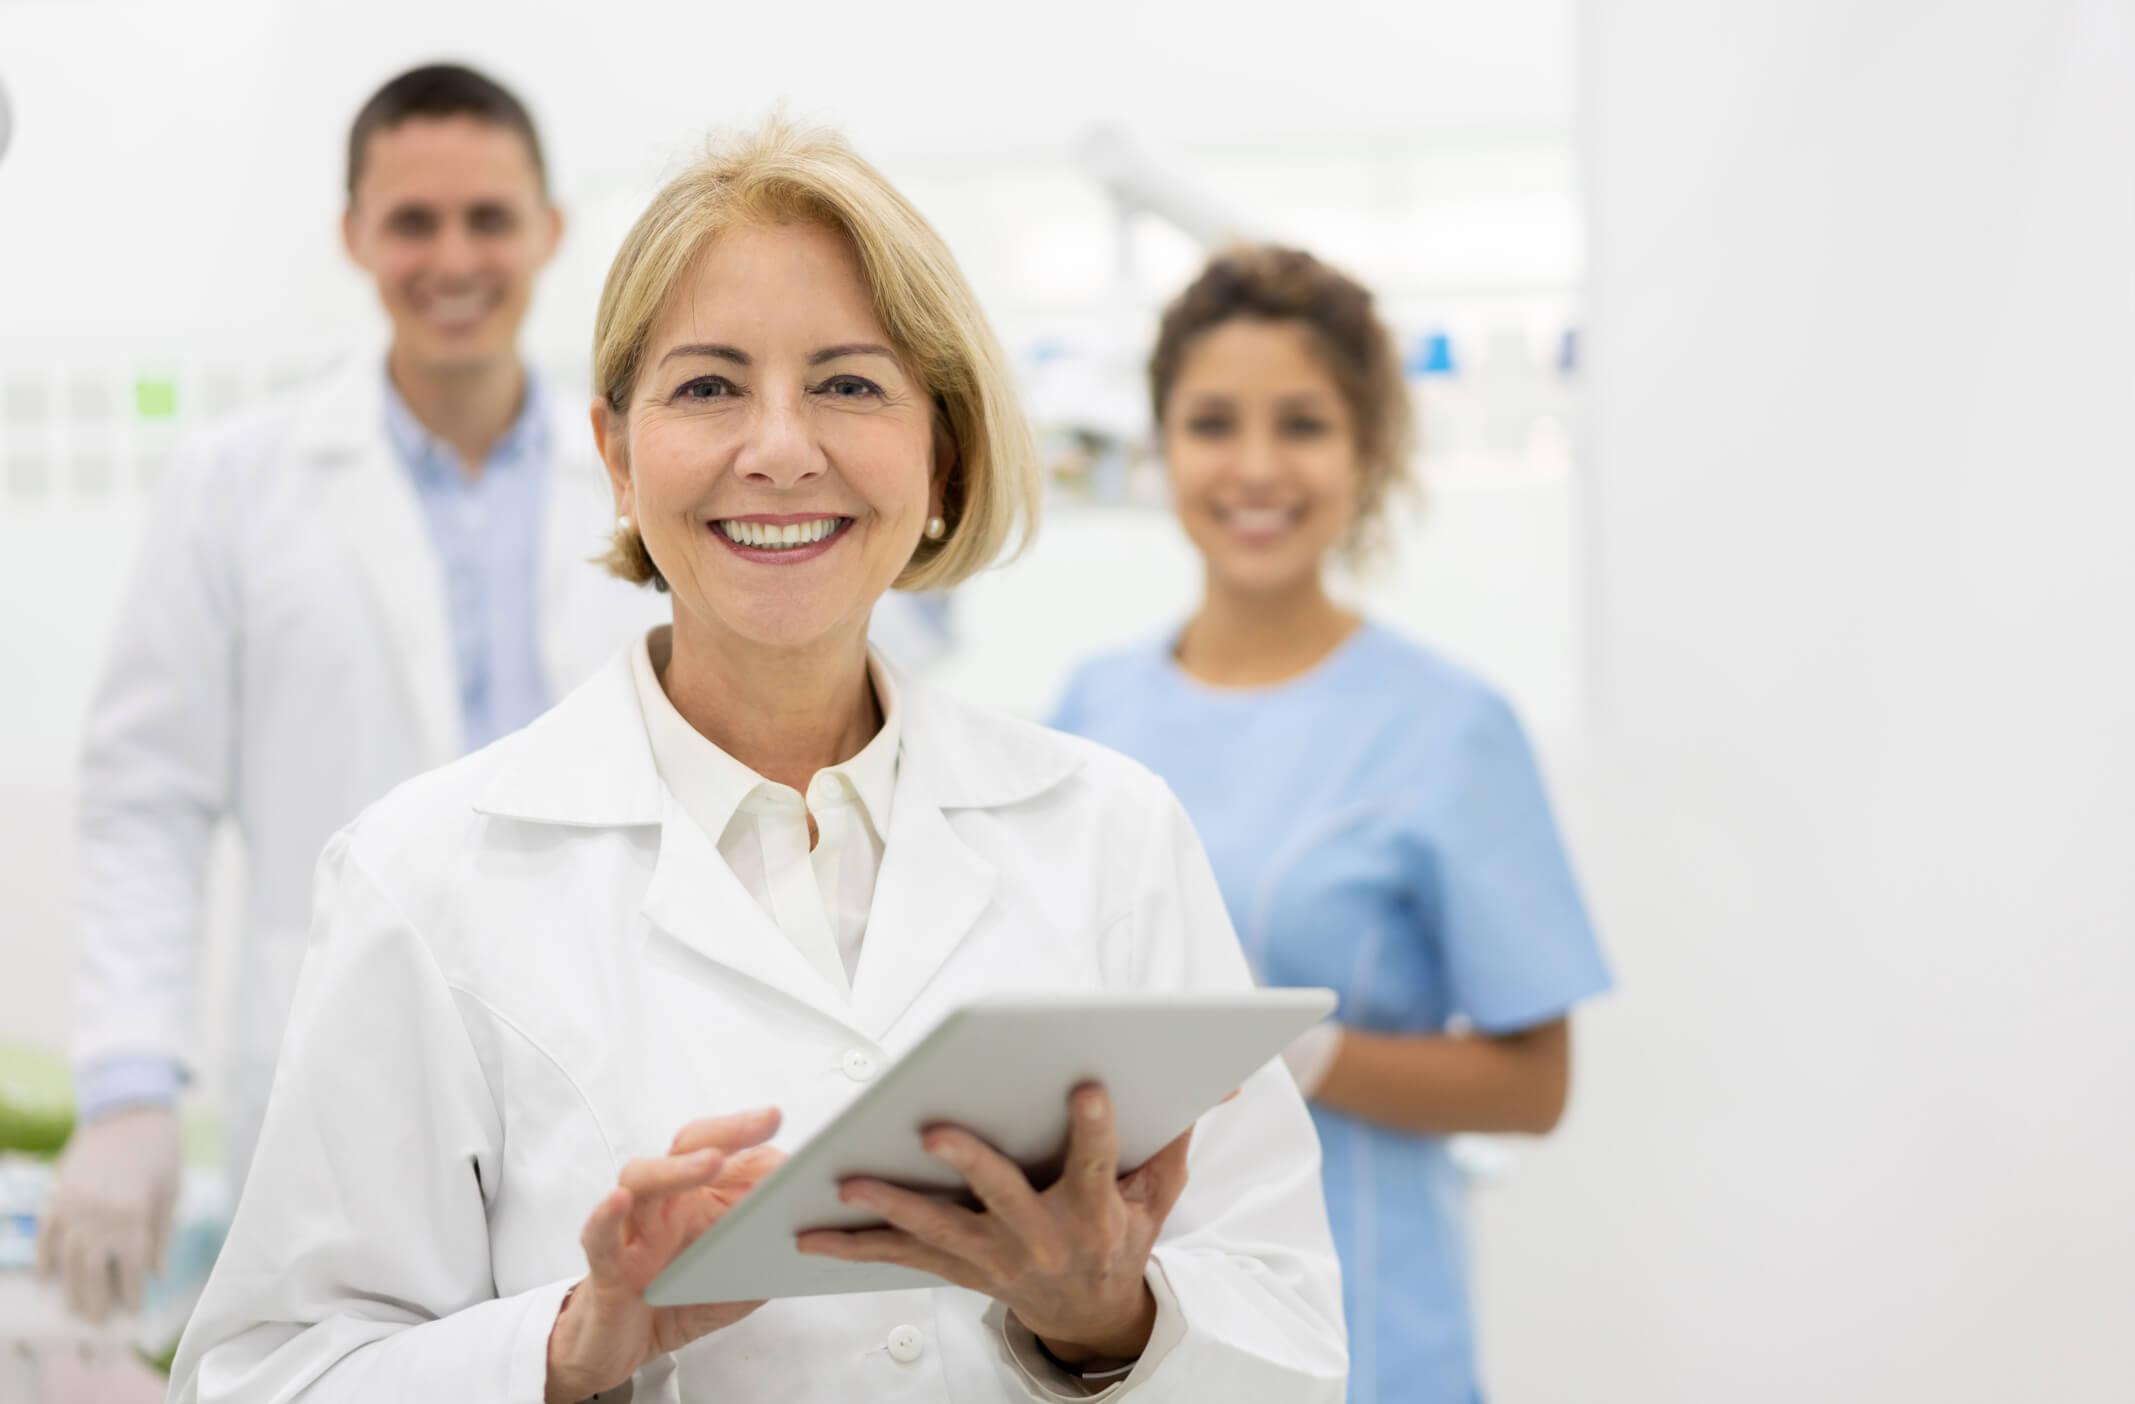 conseils médecins rythme COVID-19